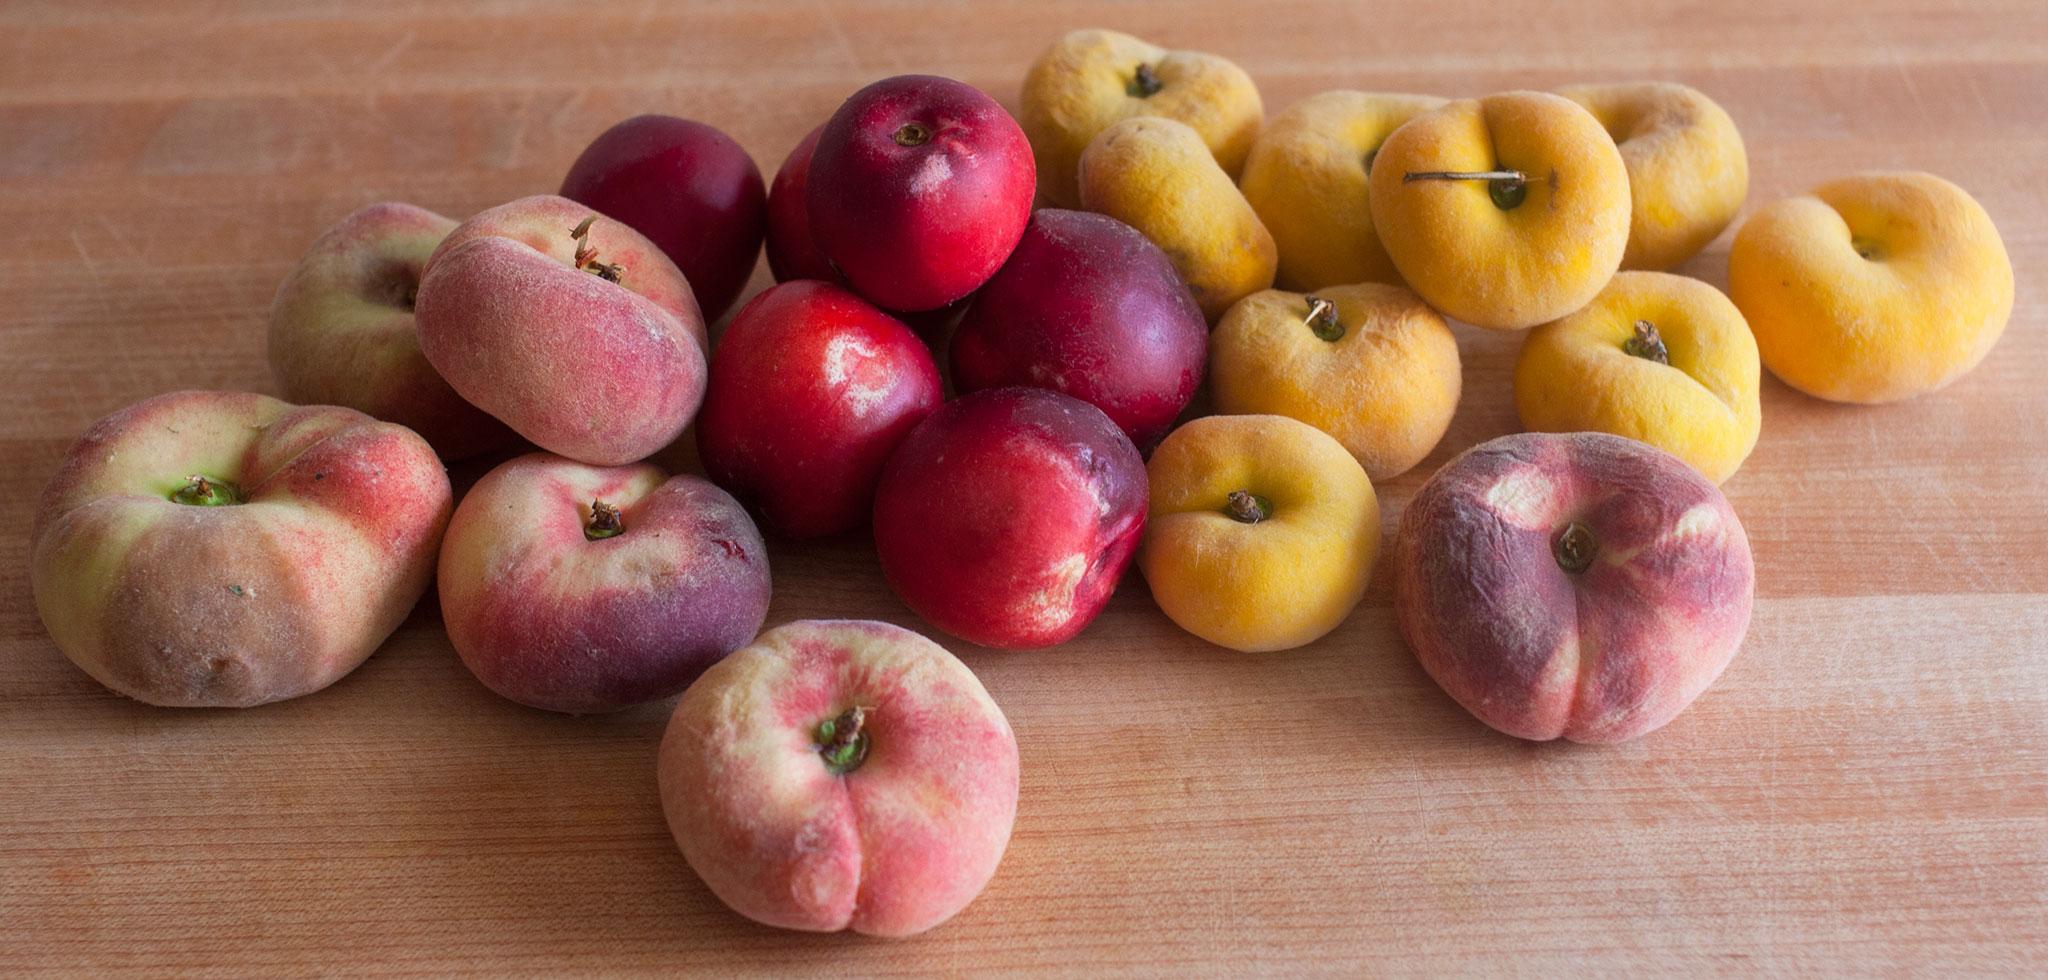 Peach-and-nectarine-jam_0004_web1